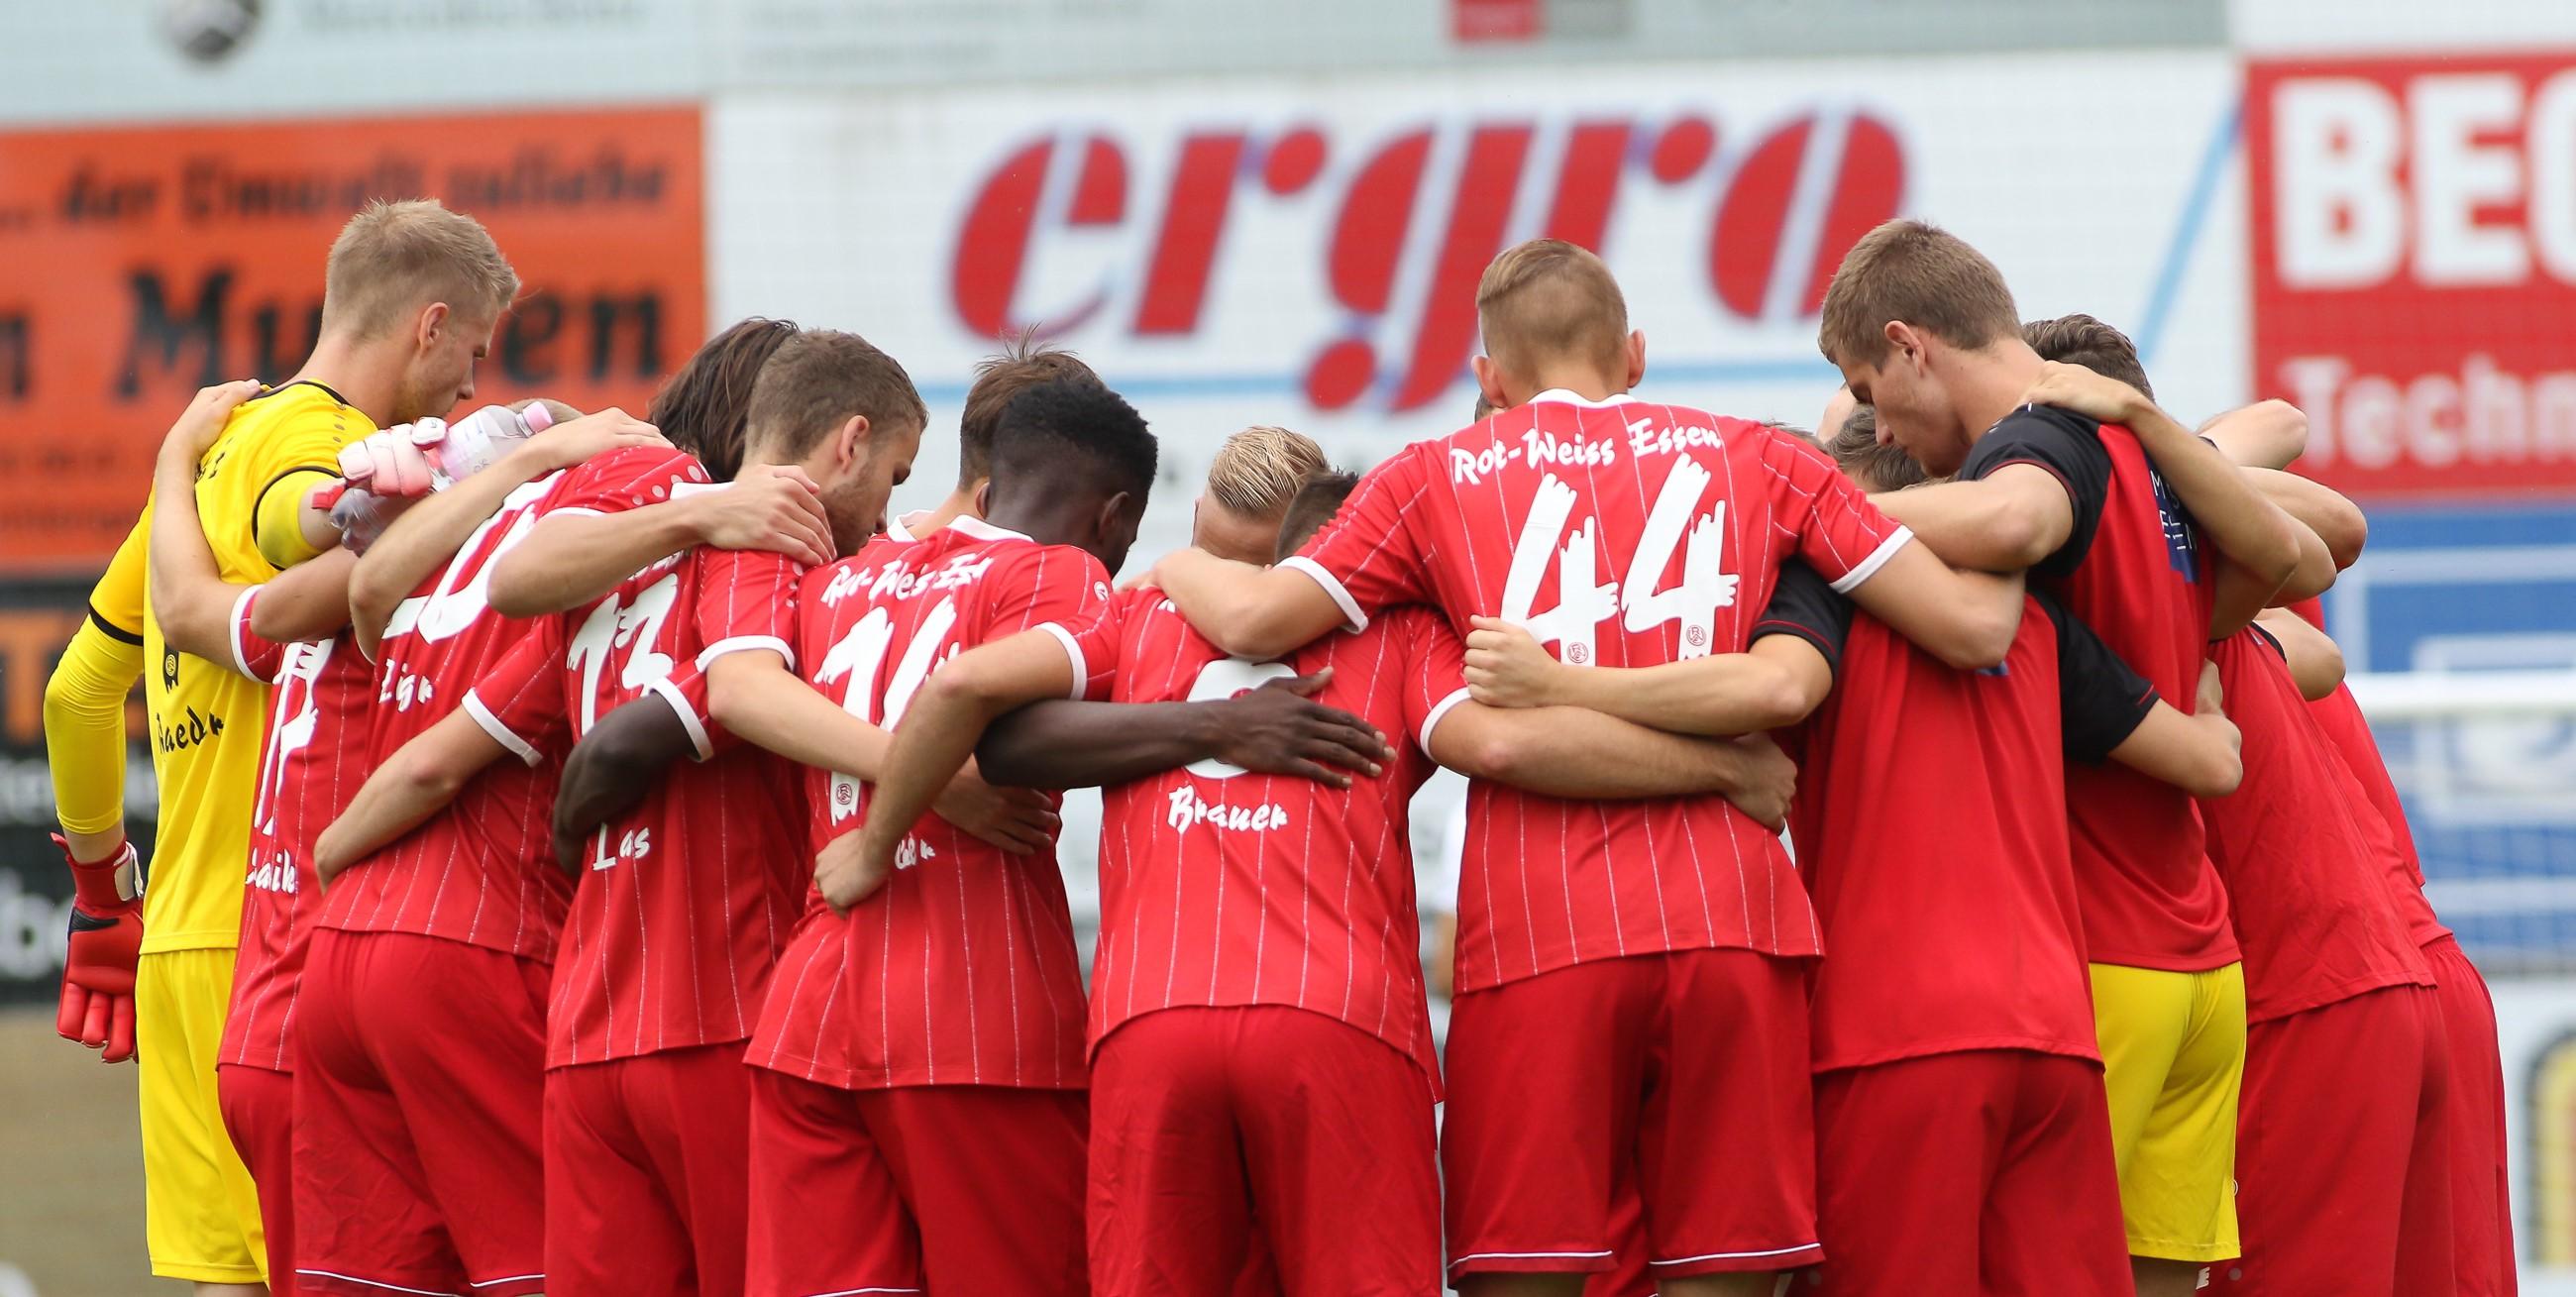 Am morgigen Samstag treffen die Rot-Weissen auf den SC Wiedenbrück. (Foto: Endberg)